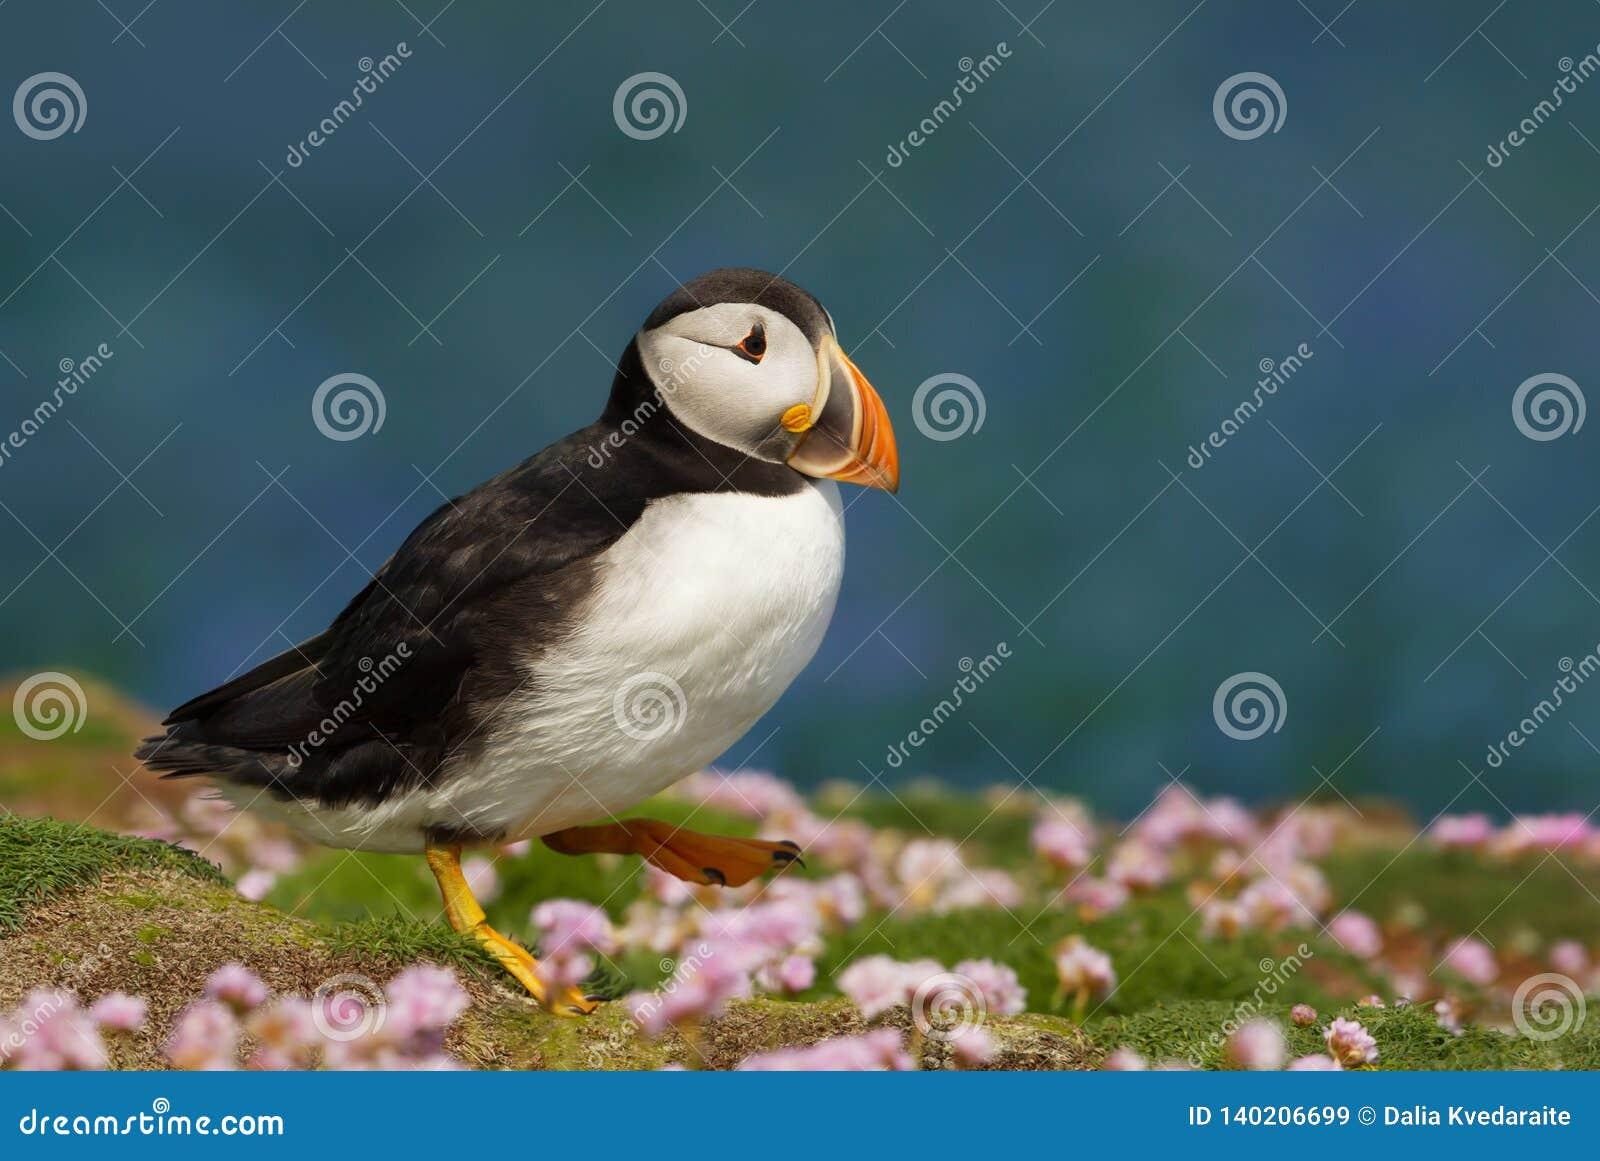 Papagaio-do-mar atlântico que anda na parcimônia no verão